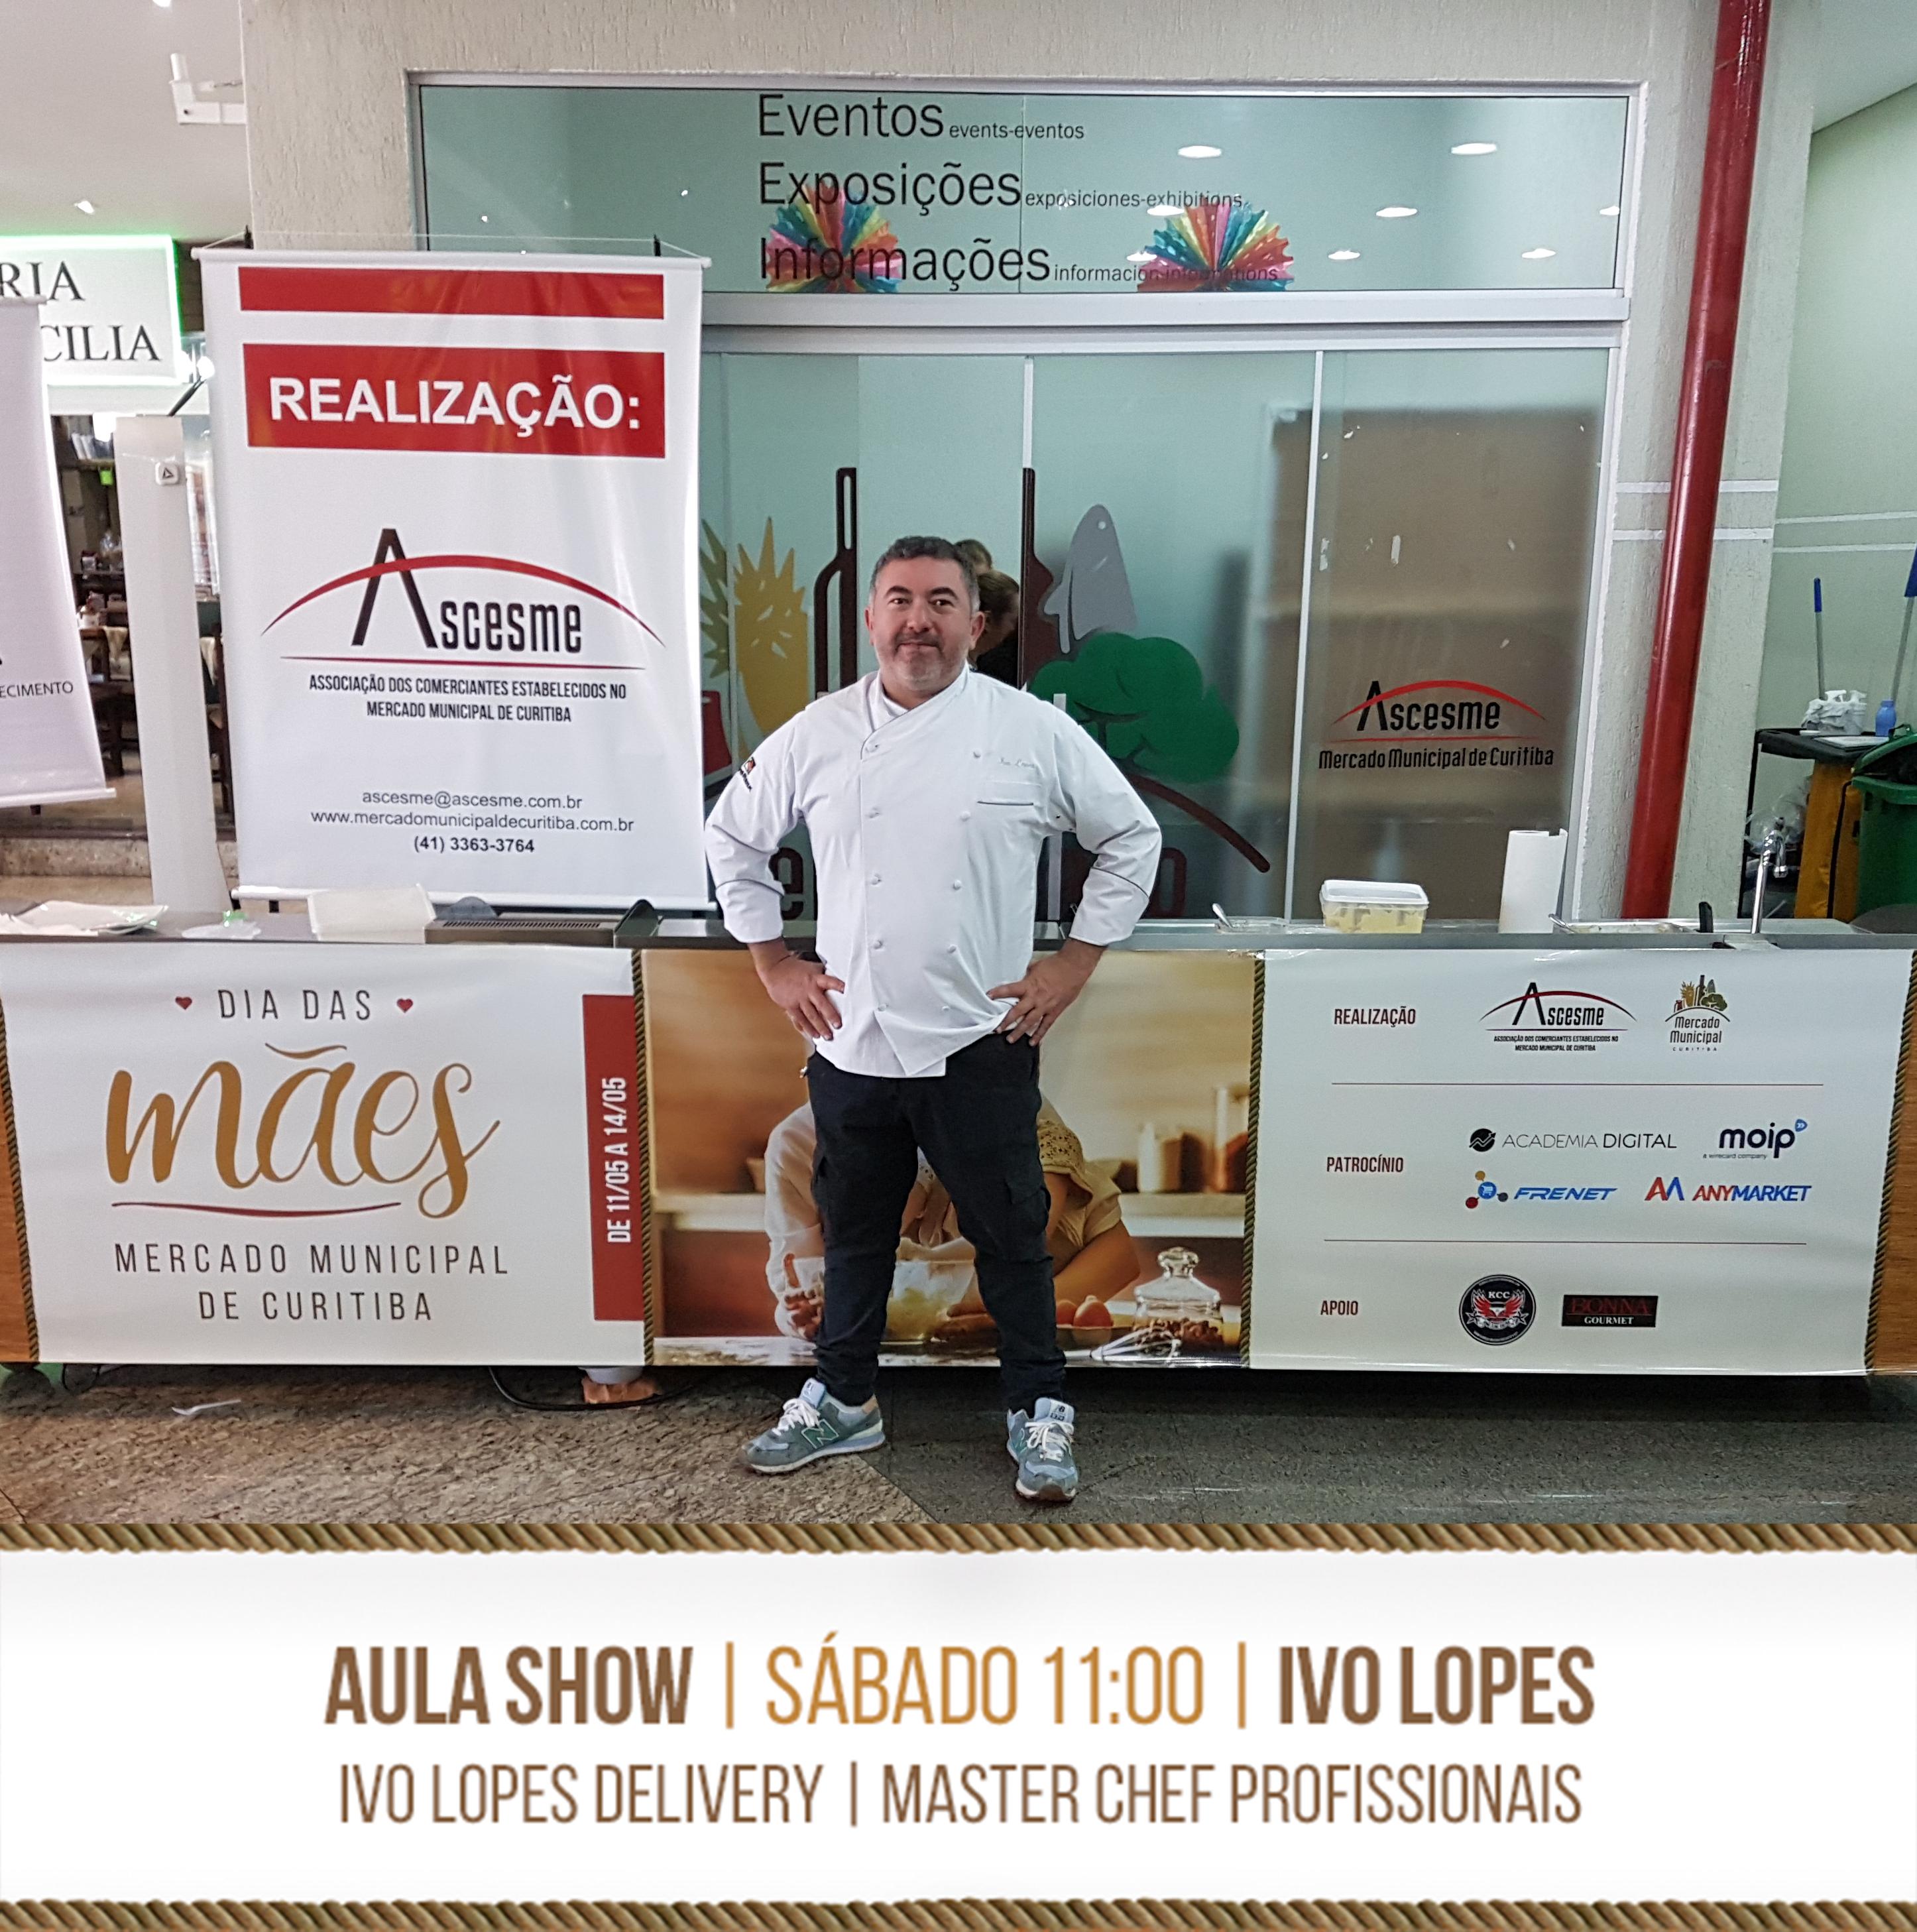 Aula-show com o chef Ivo Lopes | Dia das mães no Mercado Municipal de Curitiba